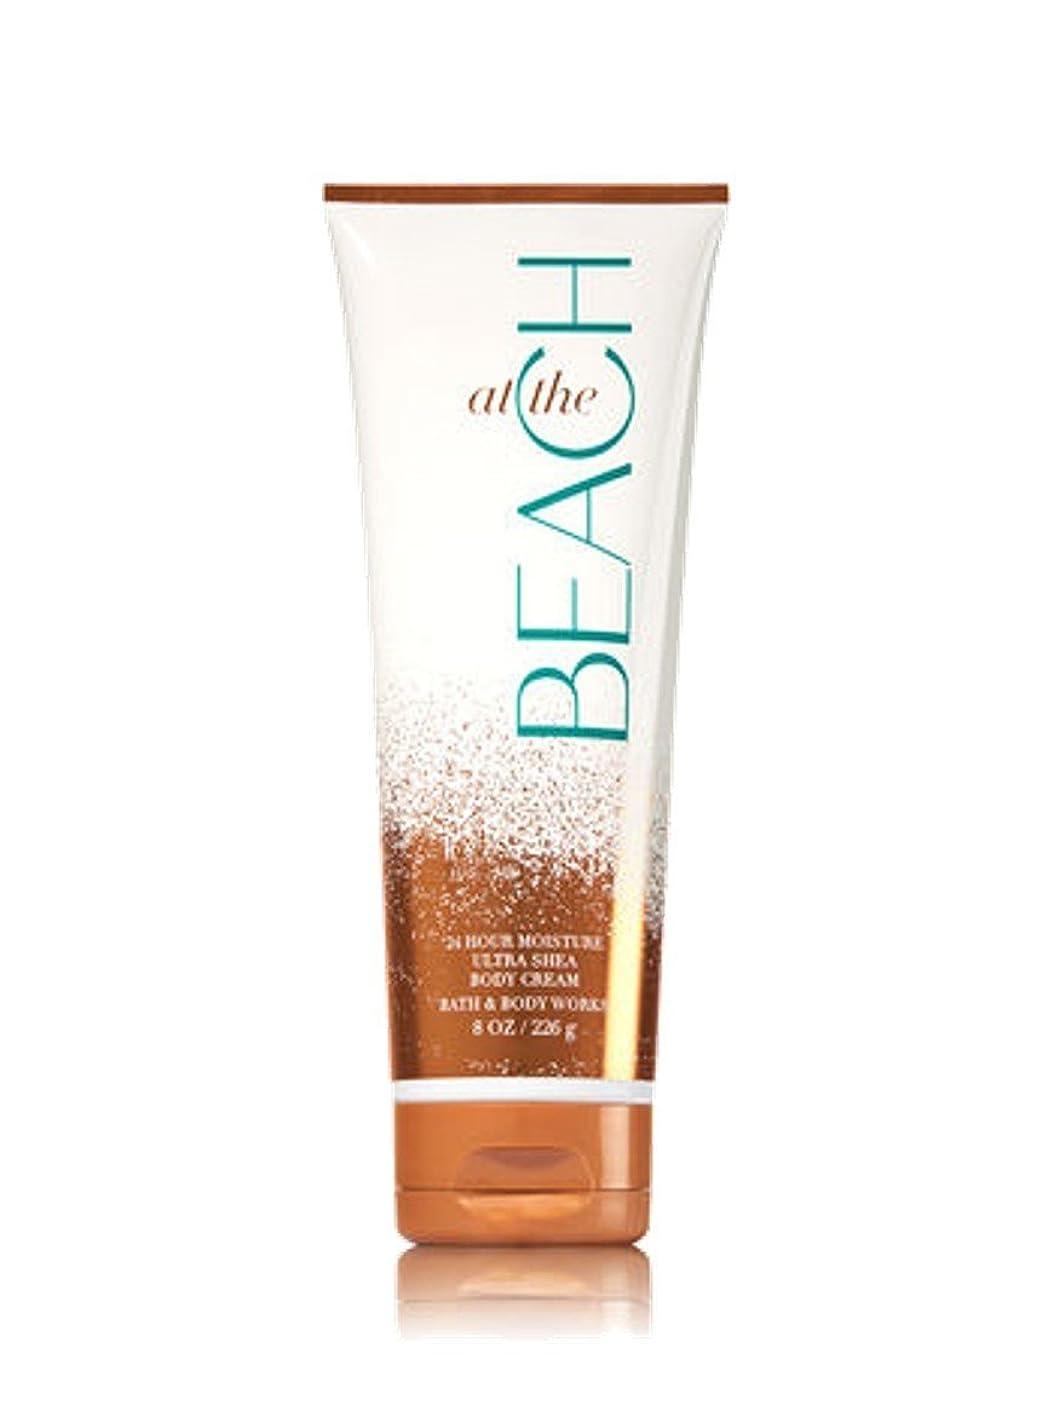 マークダウン悪い音節【Bath&Body Works/バス&ボディワークス】 ボディクリーム アットザビーチ Ultra Shea Body Cream At The Beach 8 oz / 226 g [並行輸入品]